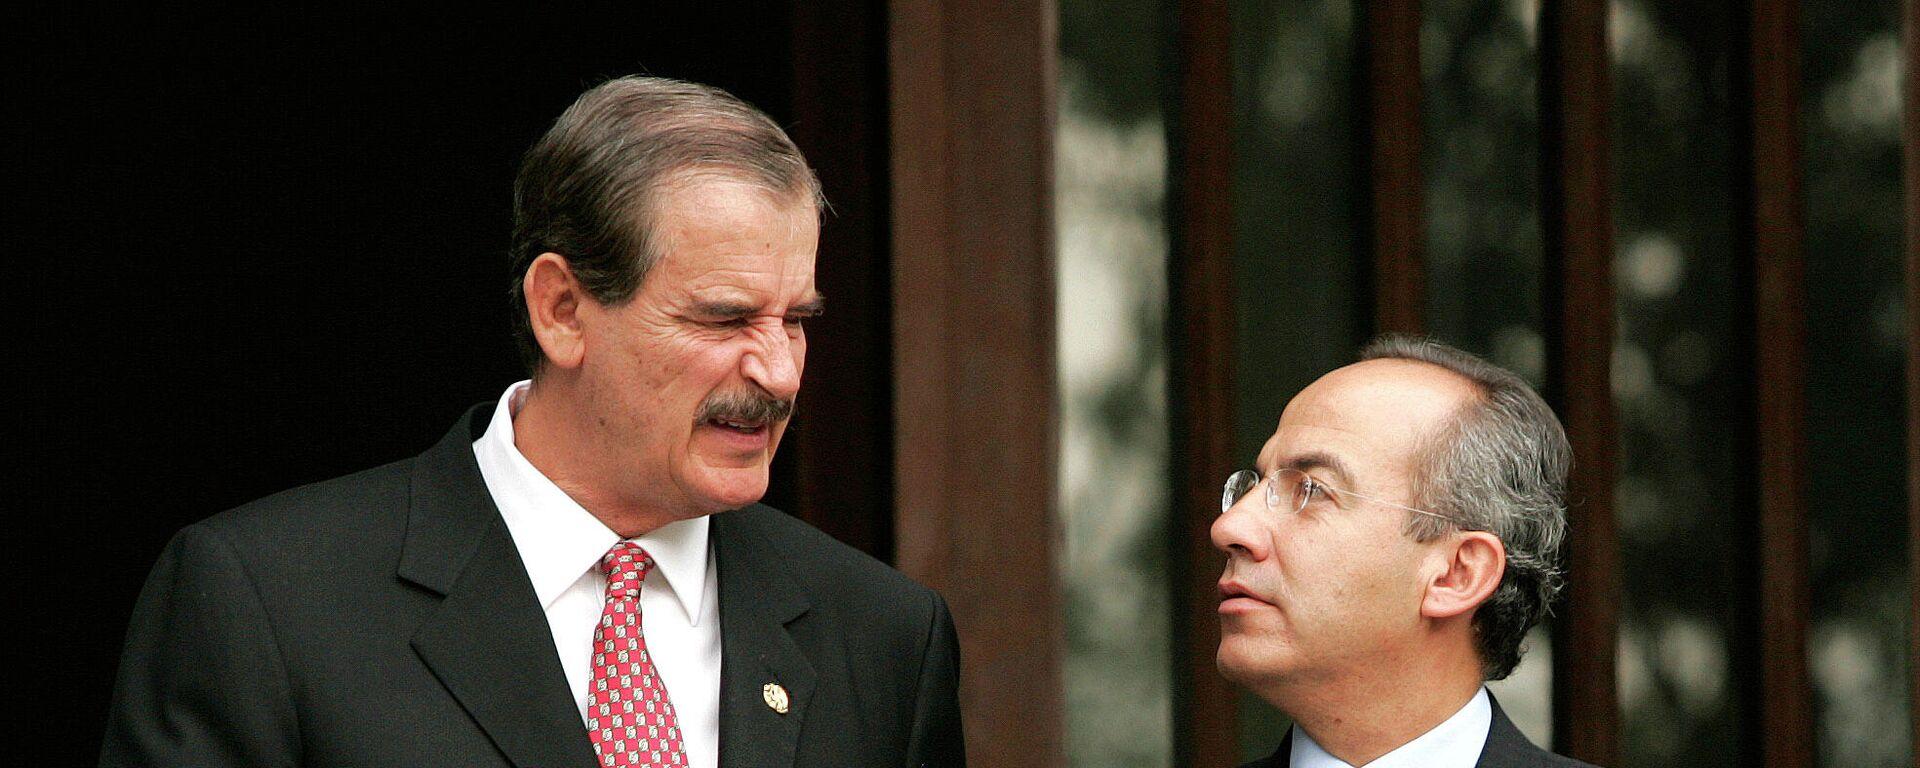 Los expresidentes mexicanos Vicente Fox y Felipe Calderón, Ciudad de México, el 21 de septiembre de 2006 - Sputnik Mundo, 1920, 01.08.2021